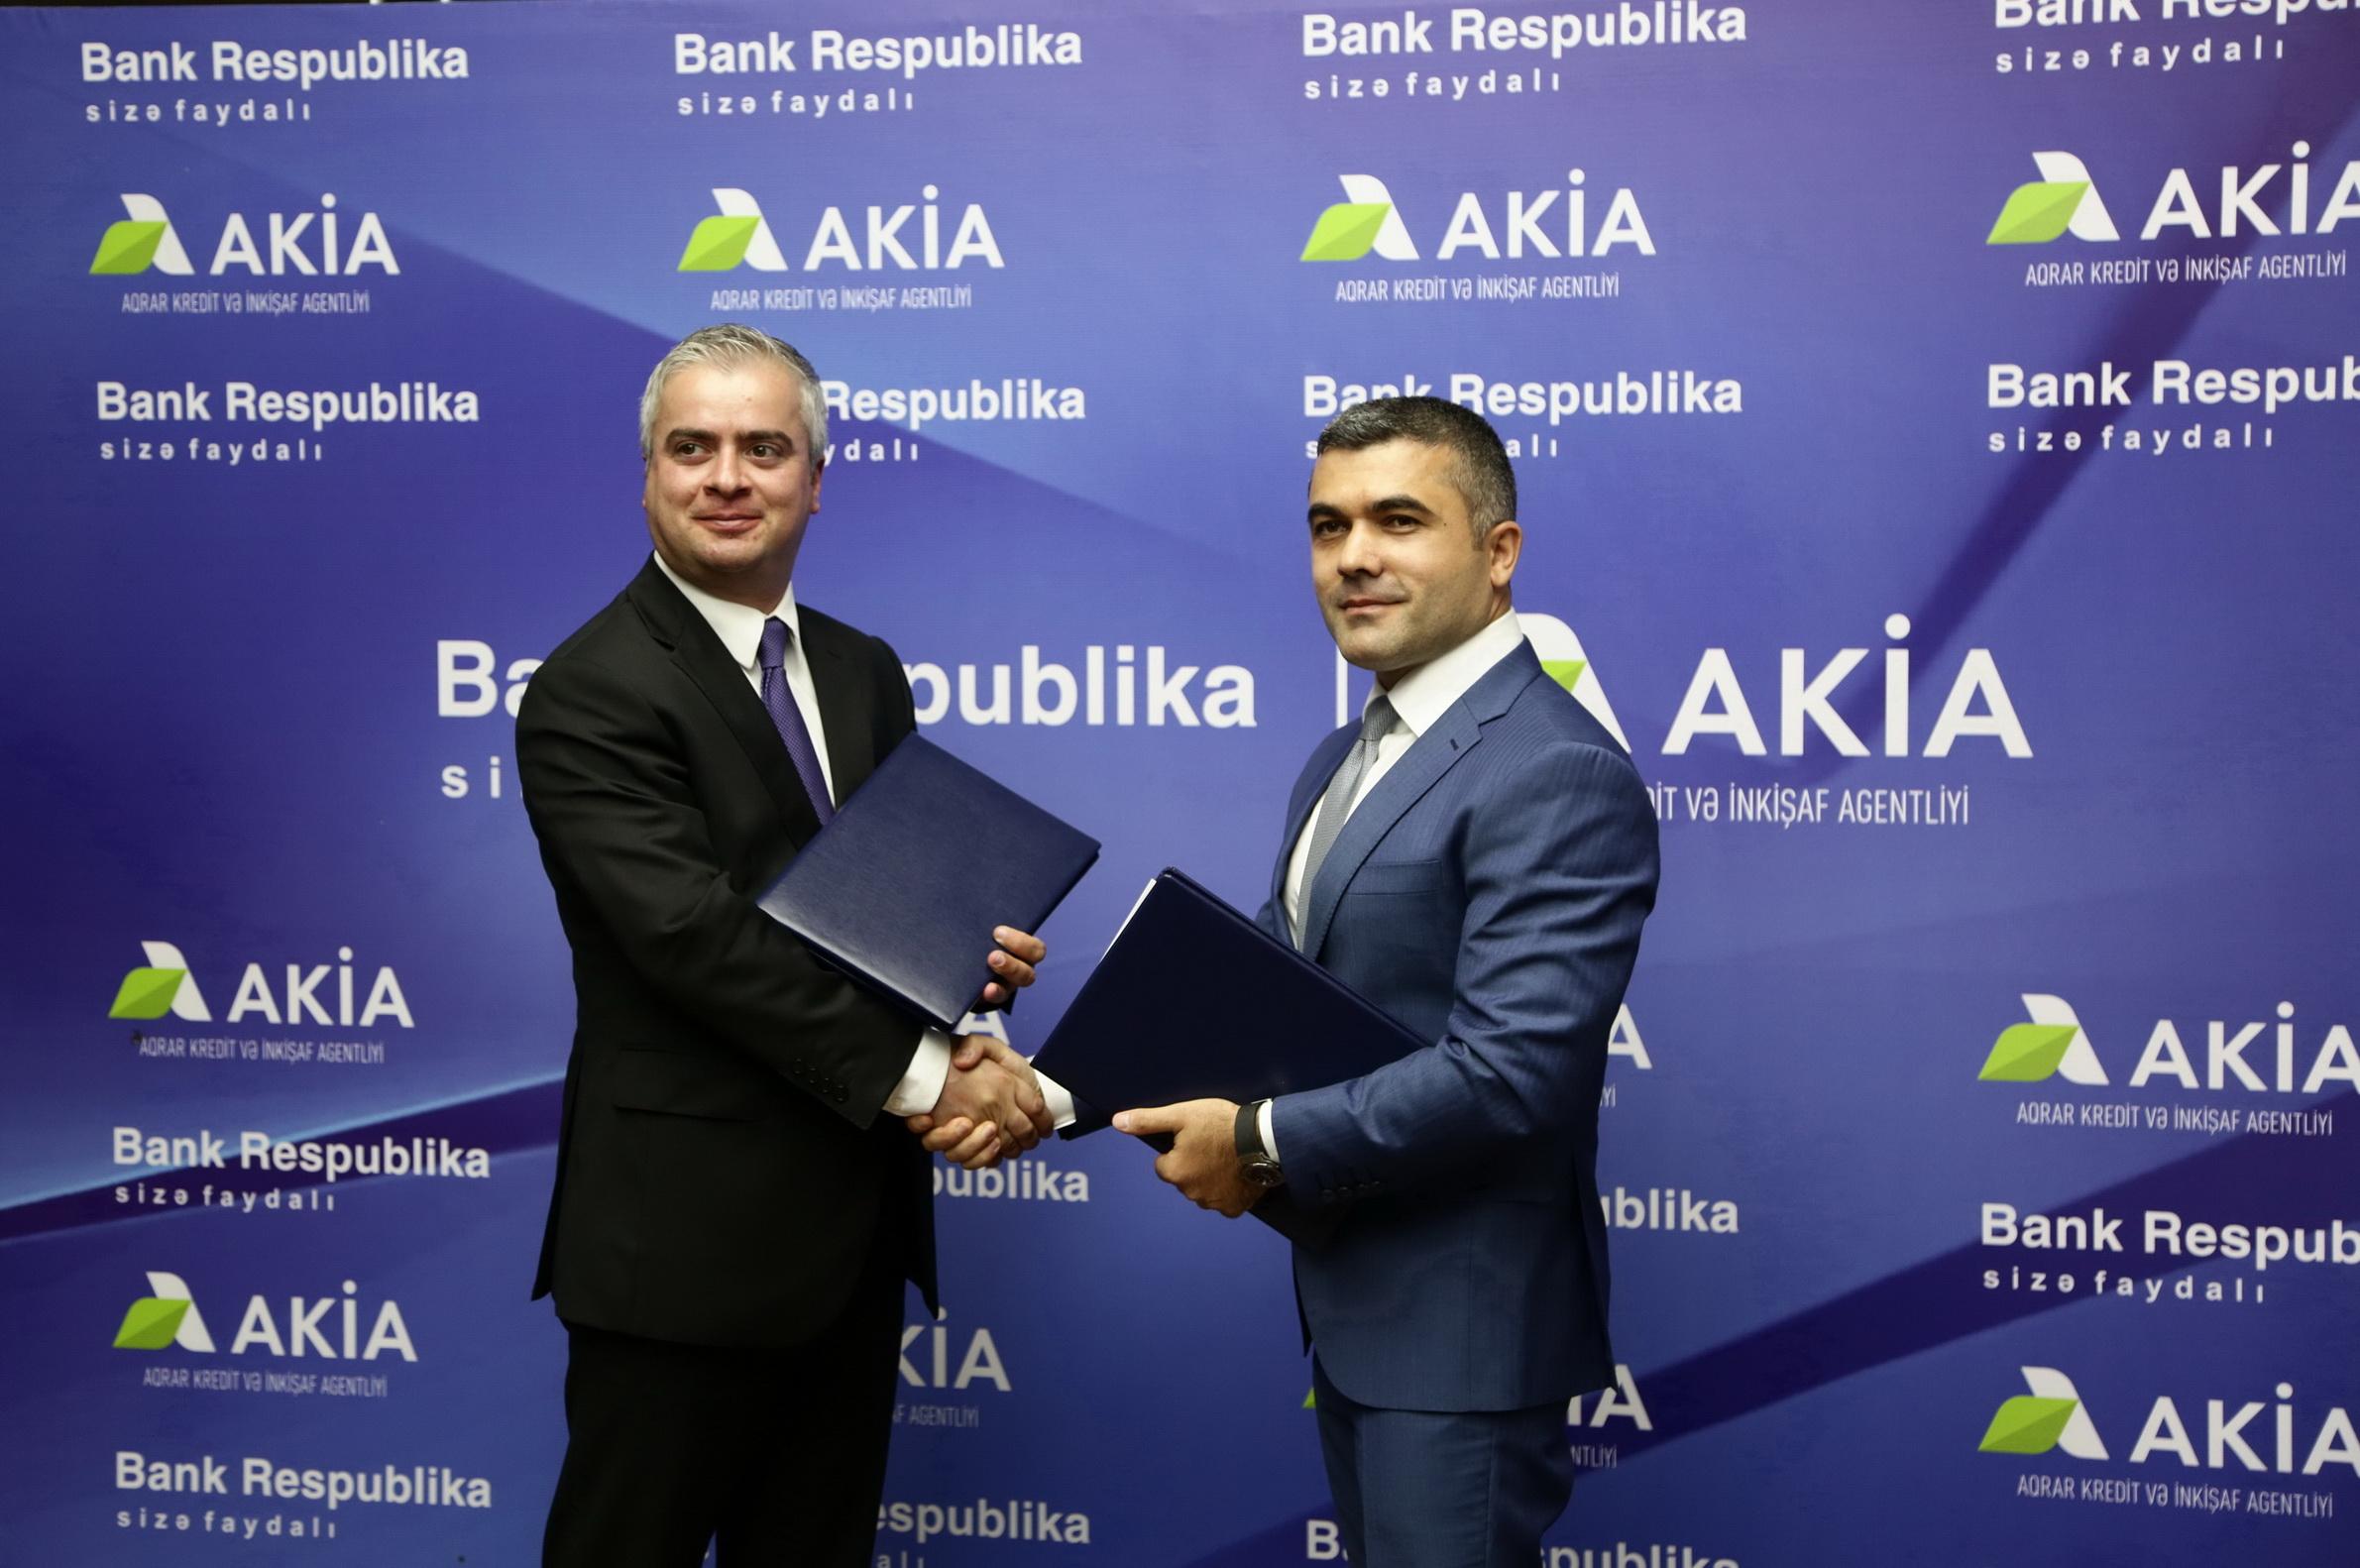 Банк Республика и AKIA будут реализовывать совместные проекты для предпринимателей